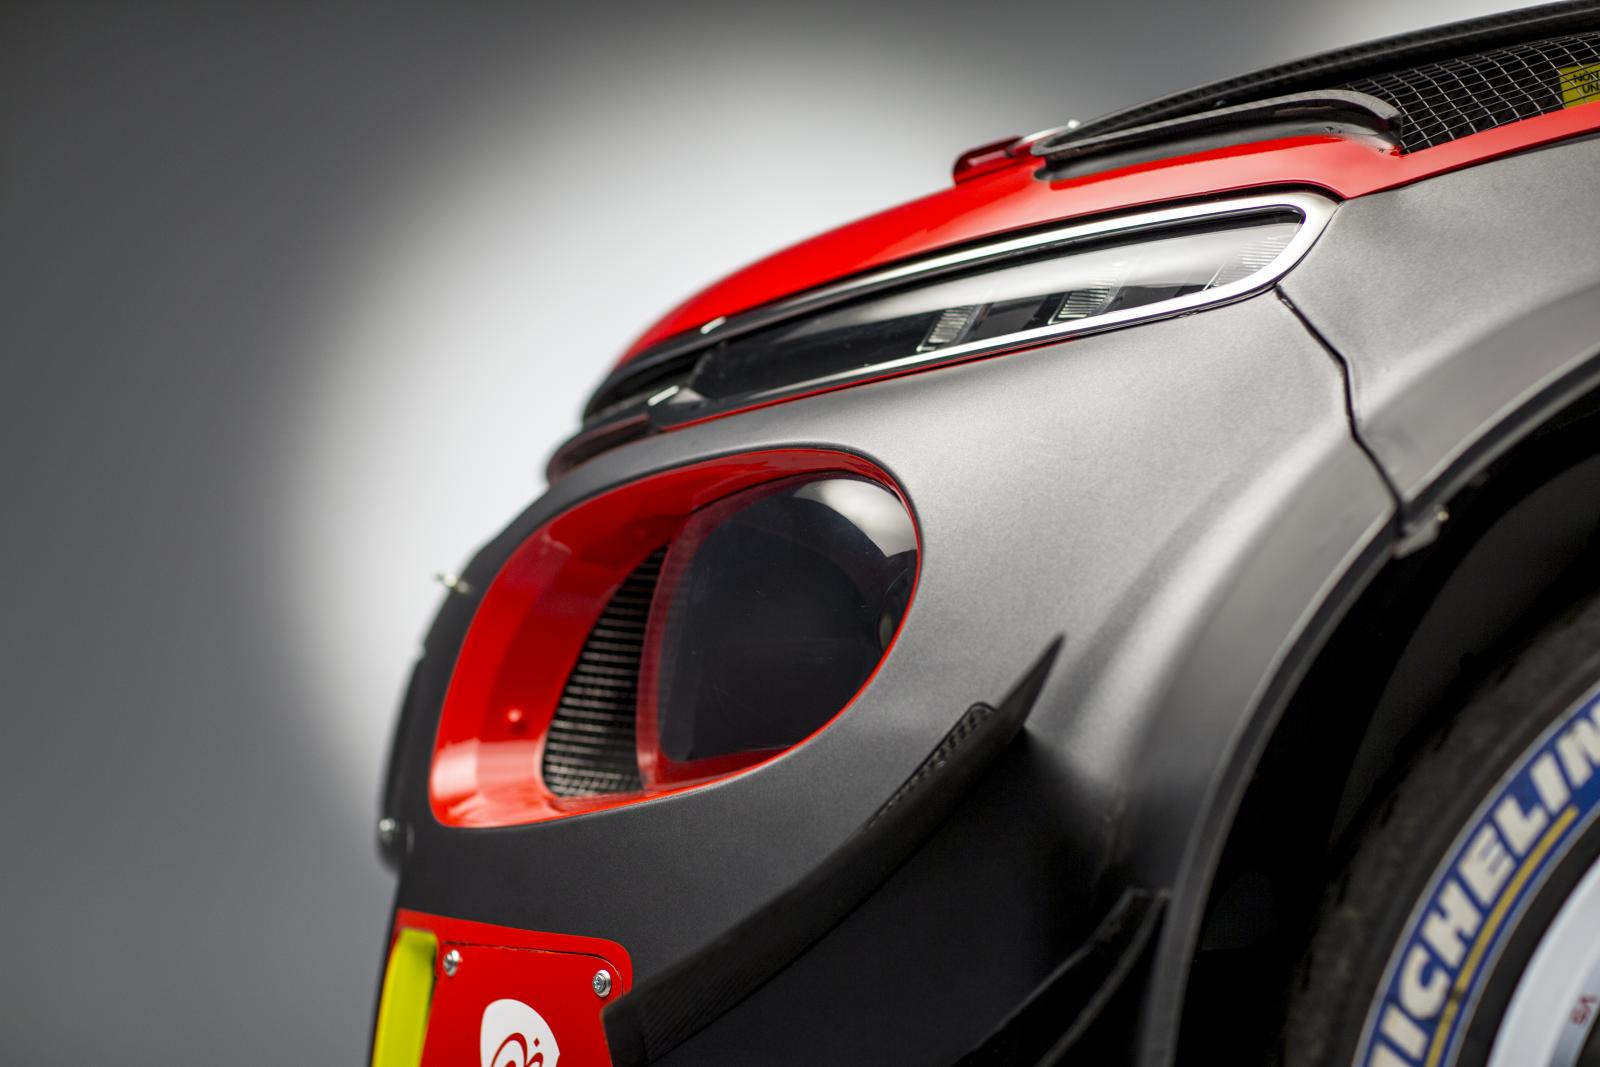 C3 WRC - profilo anteriore